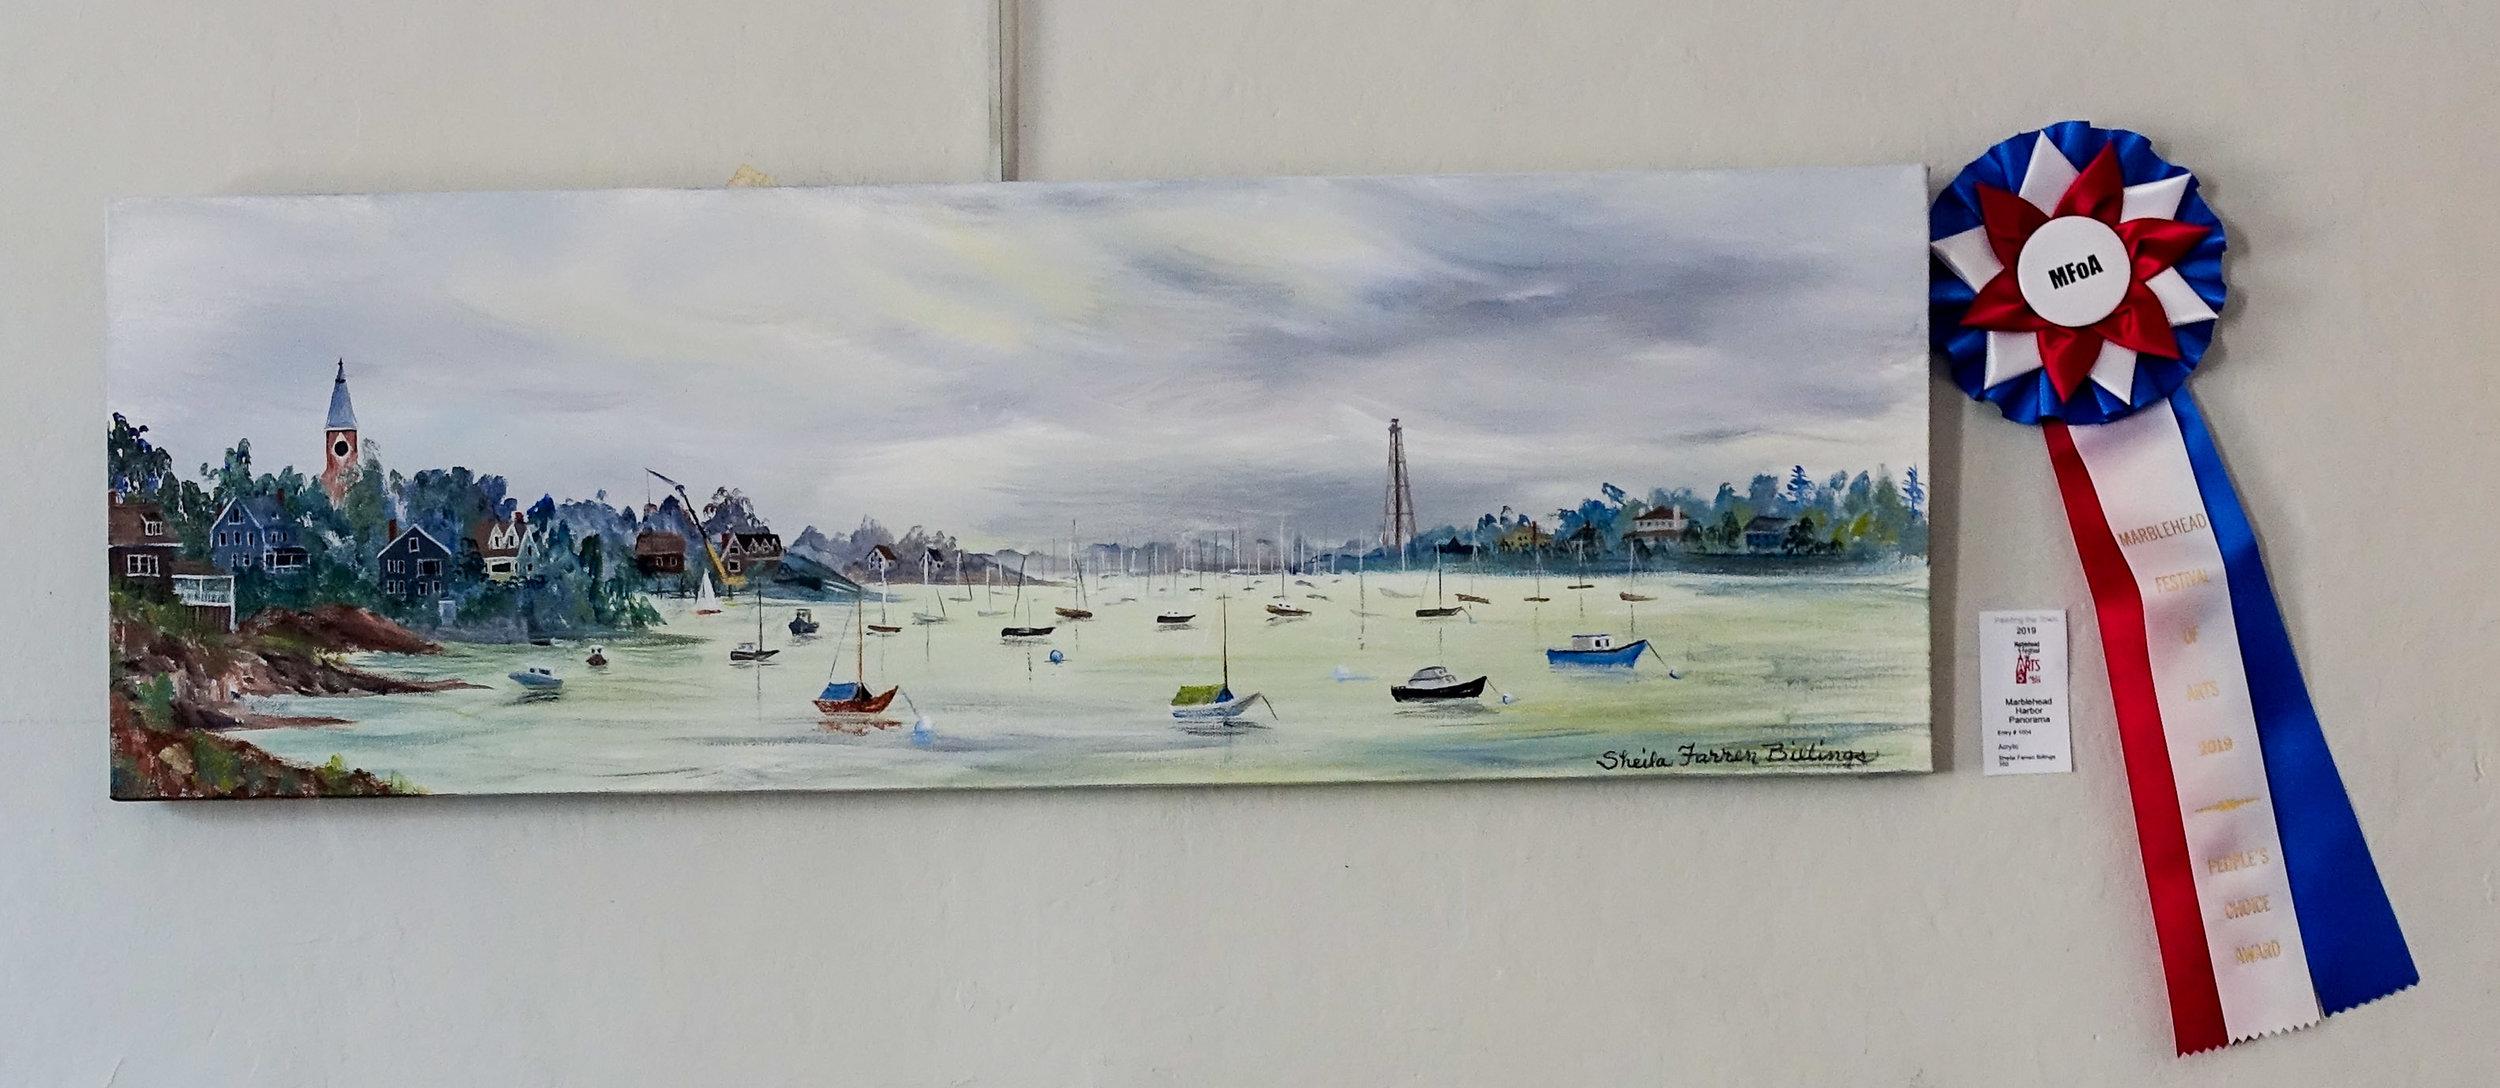 Painting the Town, Sheila Farren Billings